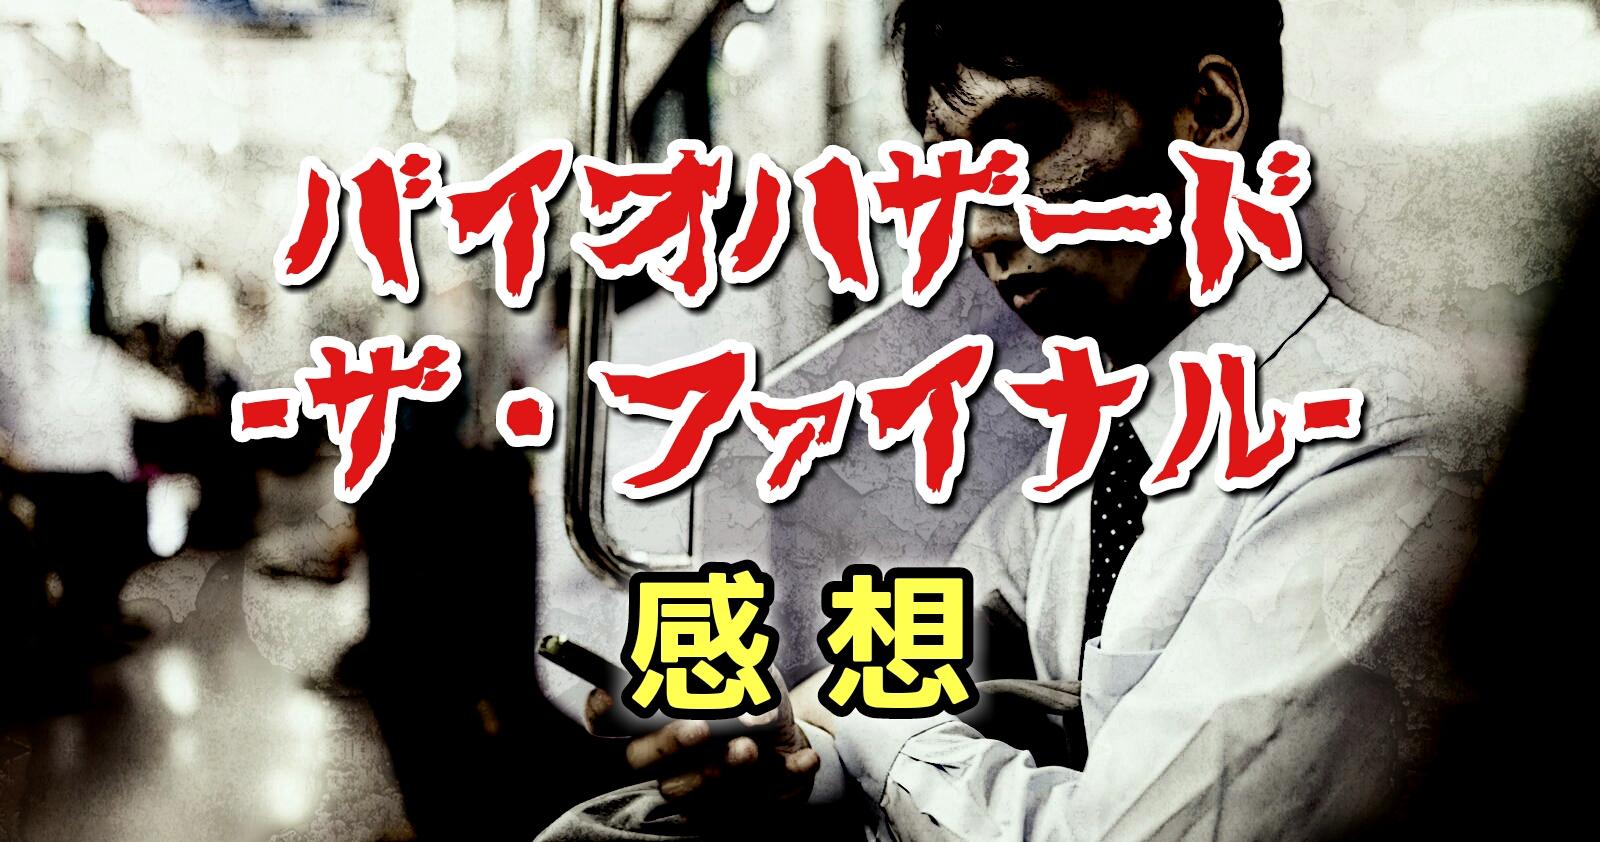 【感想】バイオハザード:ザ・ファイナル